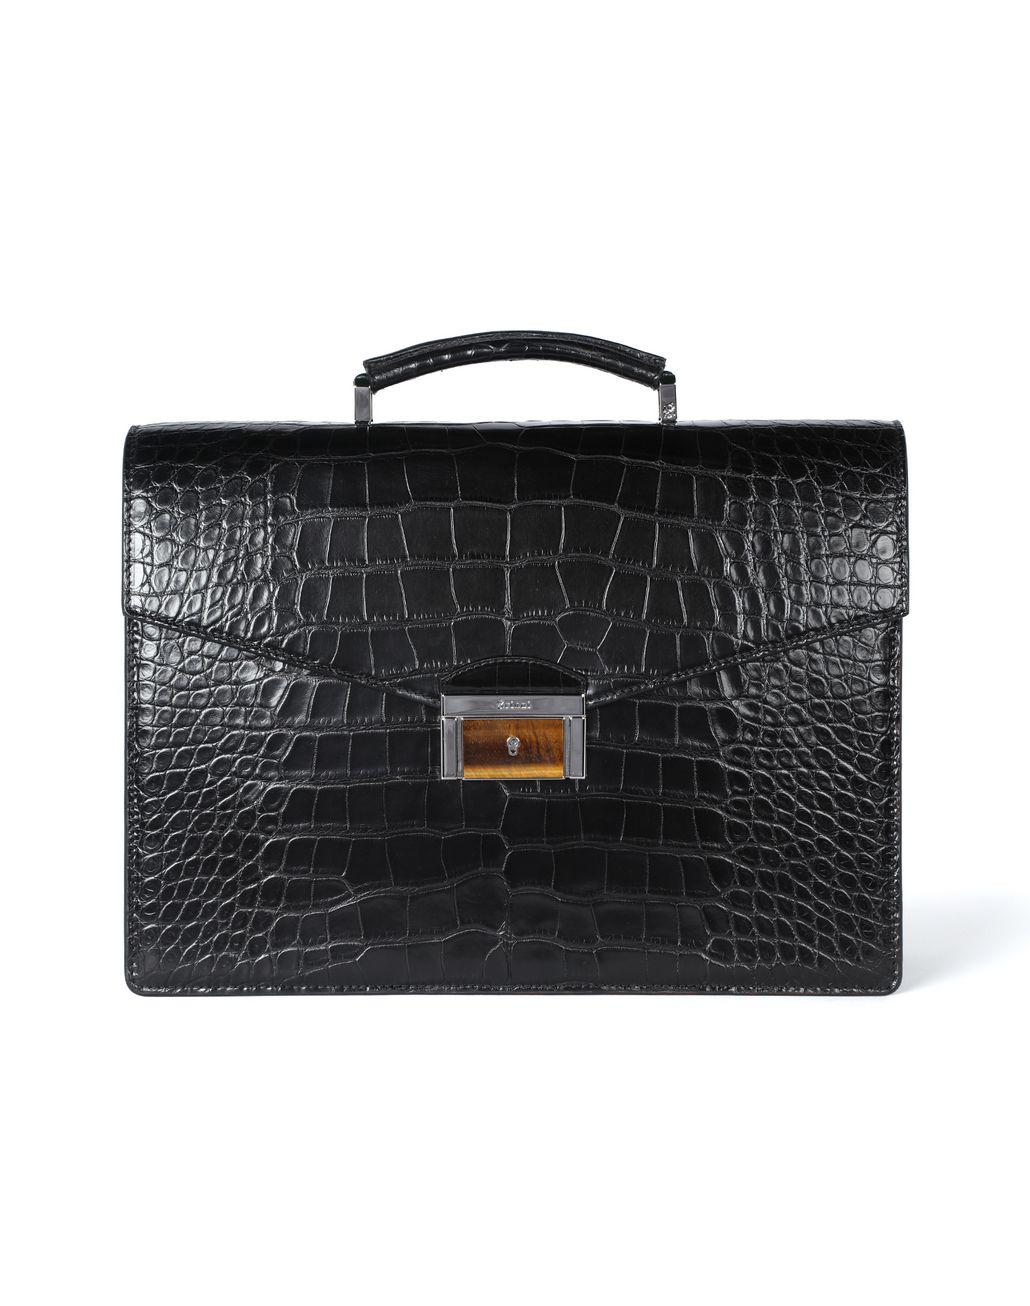 How to start a handbag business online